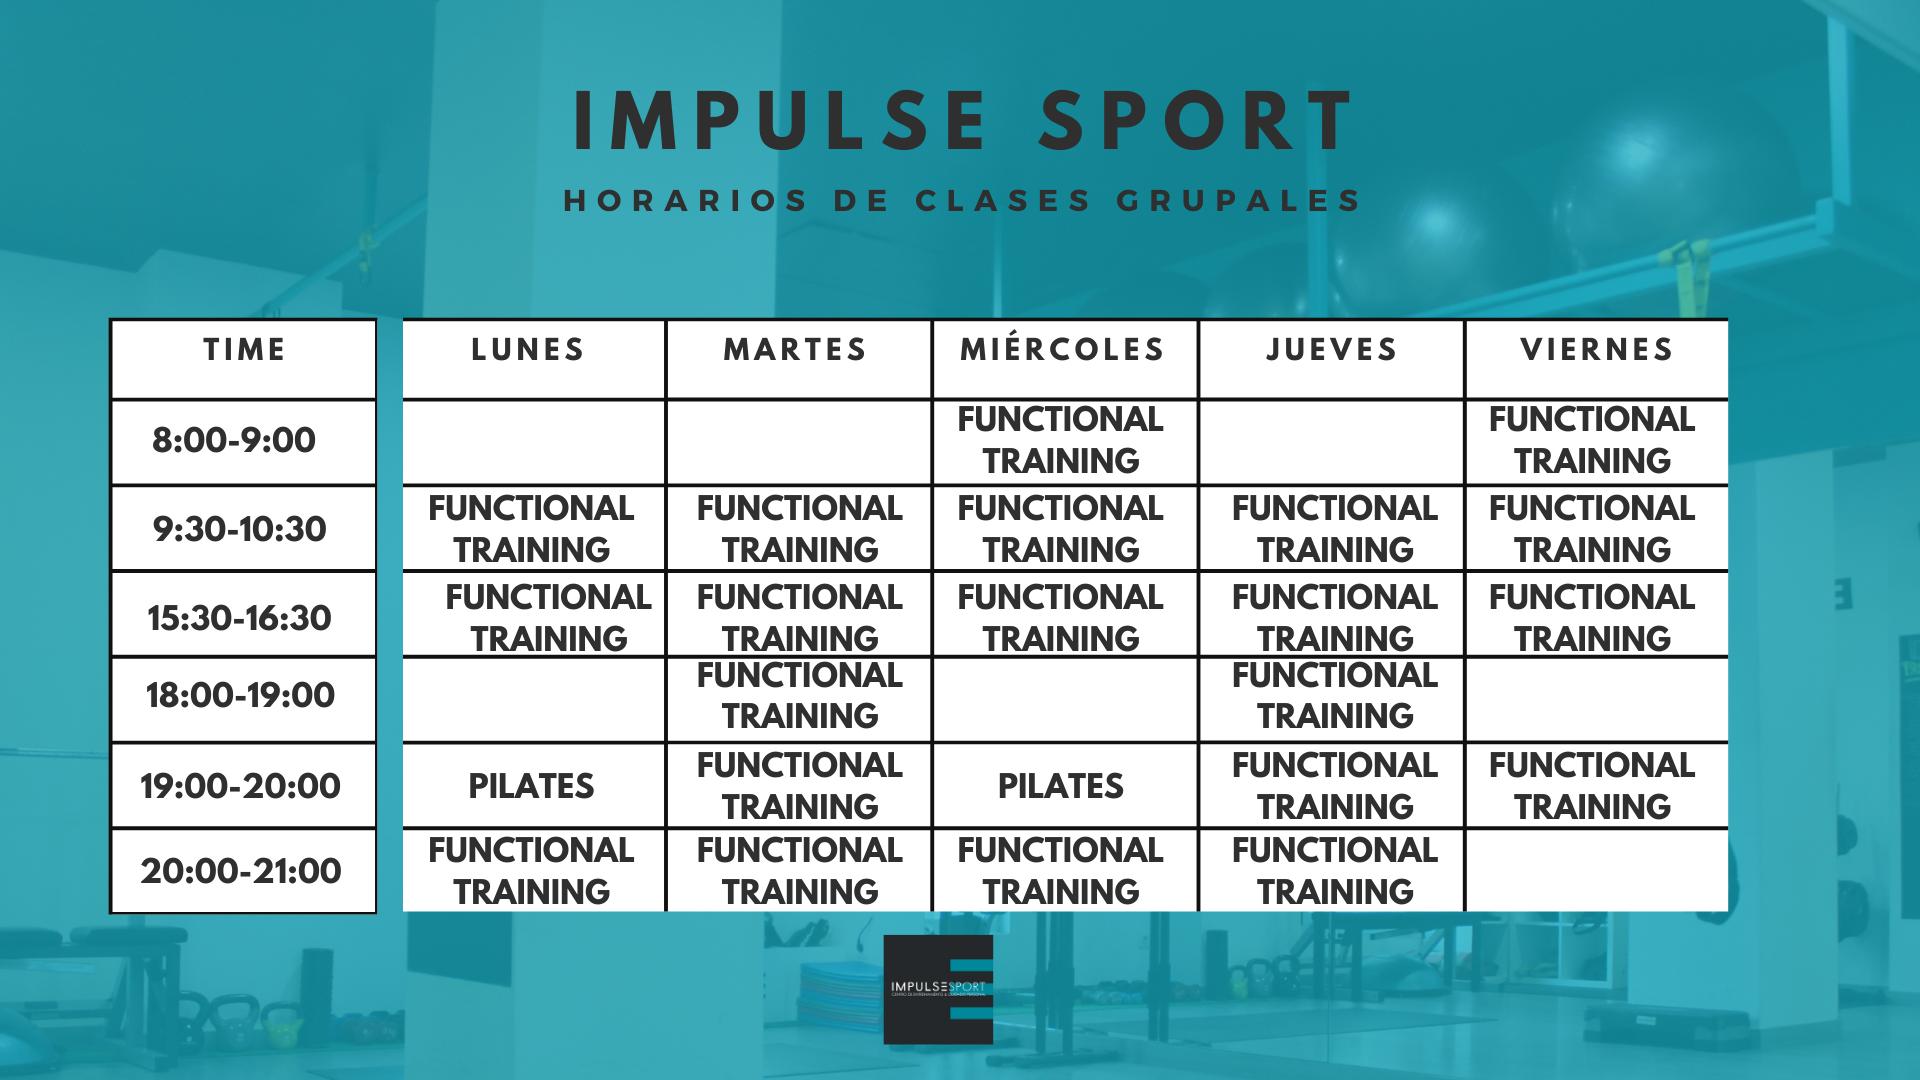 HORARIO GRUPALES IMPULSE